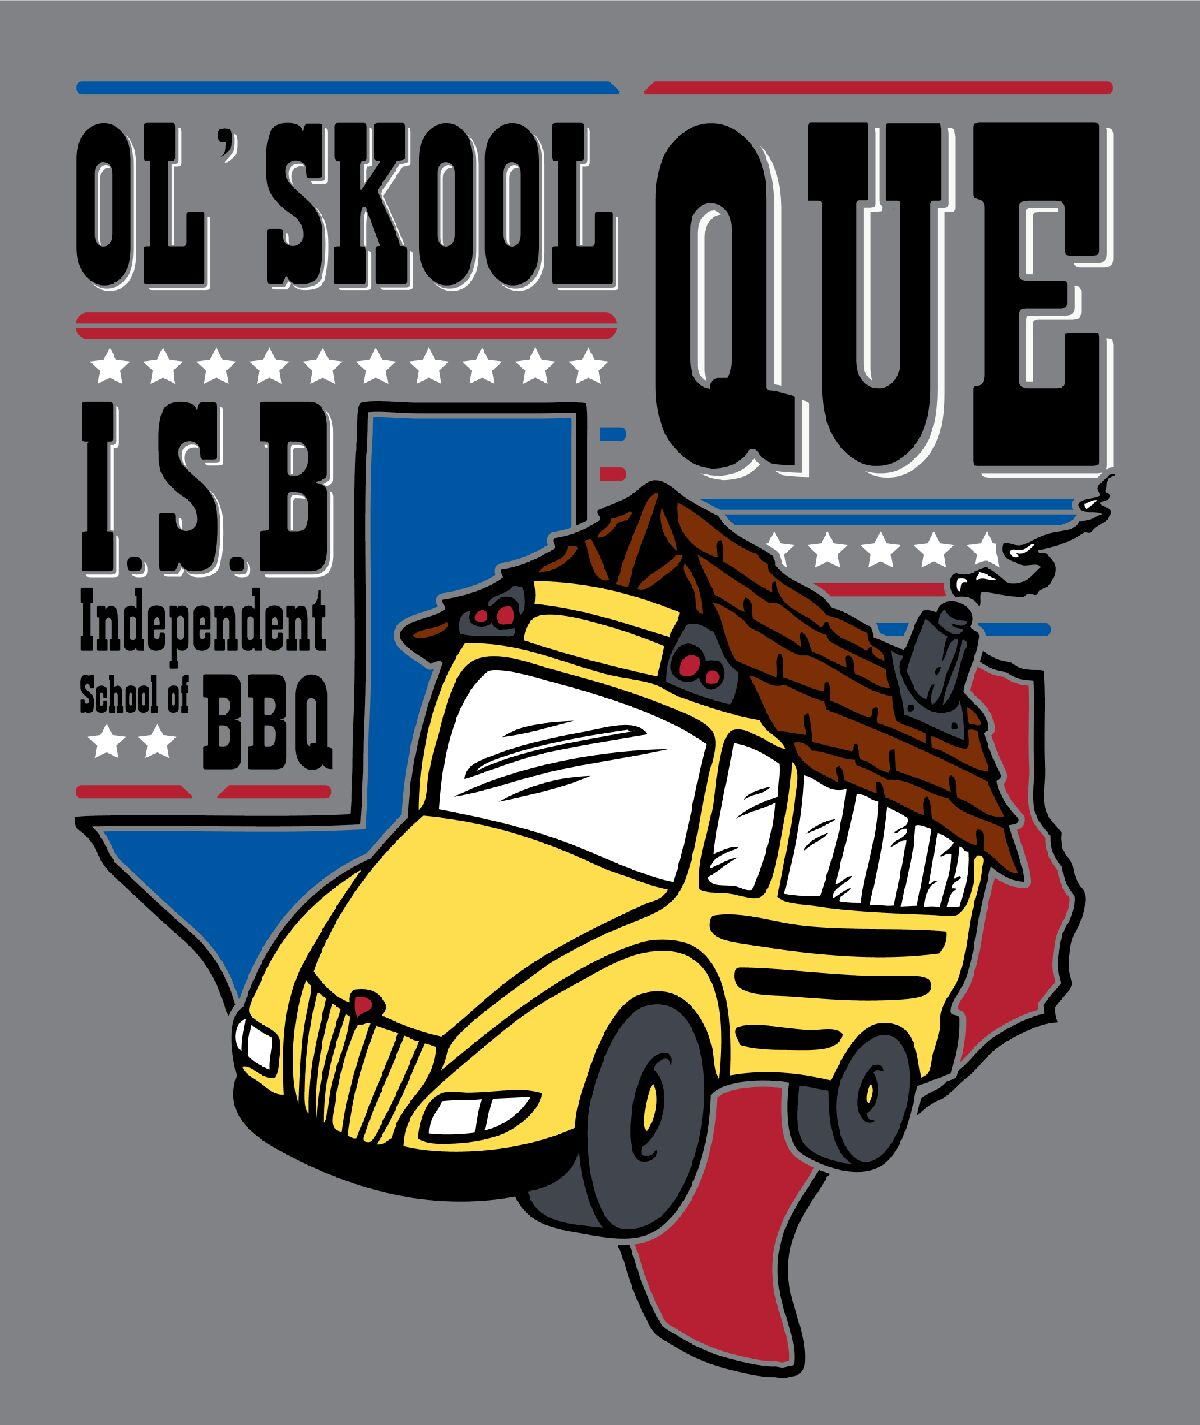 Ol'Skool Que.JPG